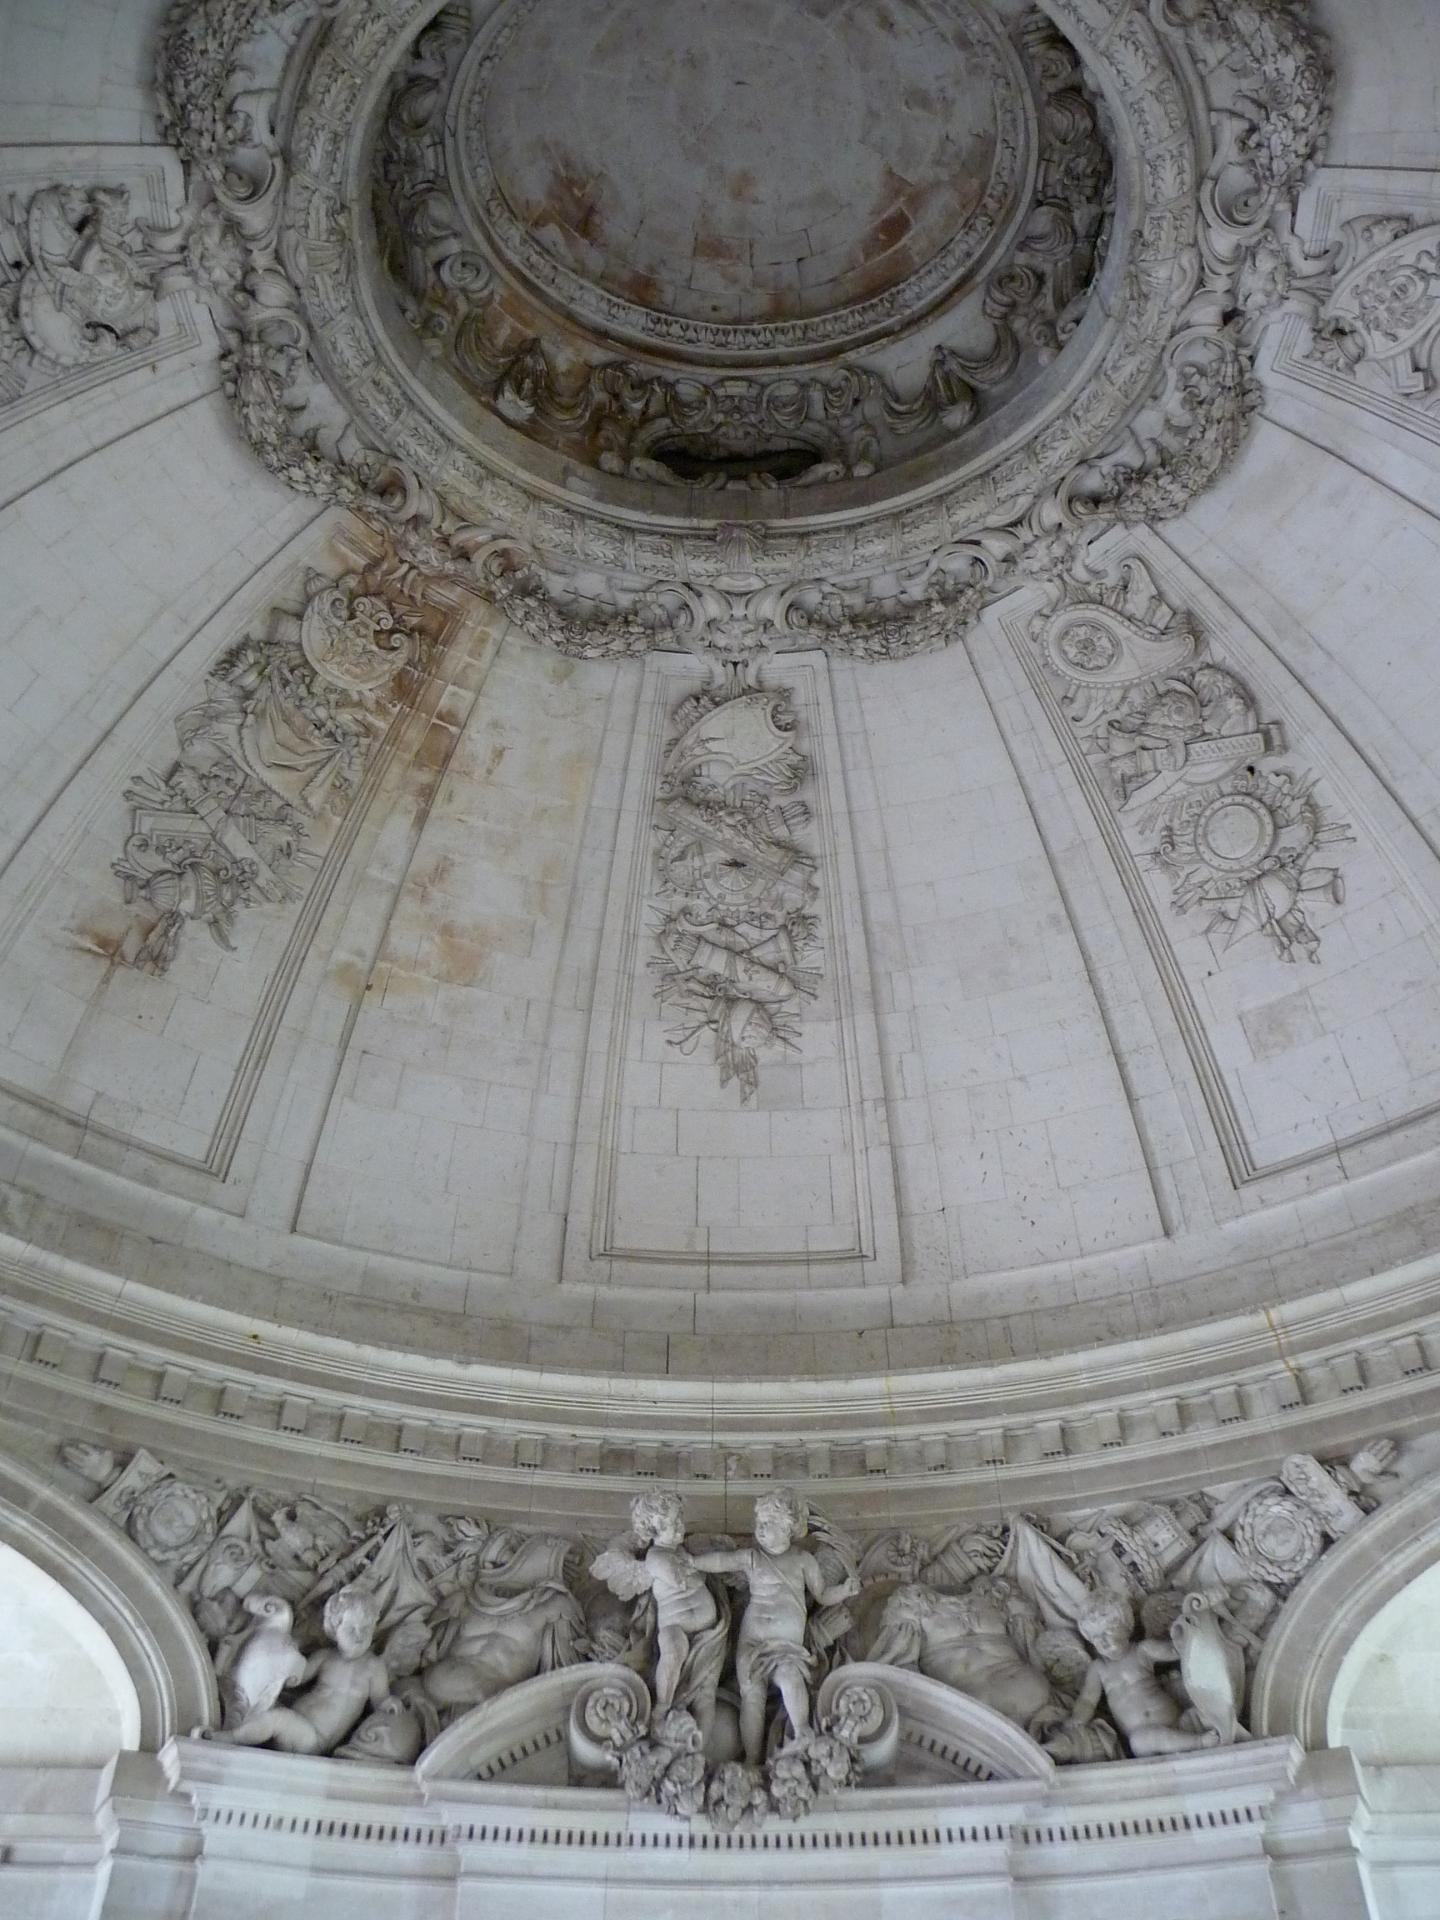 François Mansart, château de Blois, grand escalier, détail, 1635-1638, cl. Ph. Cachau